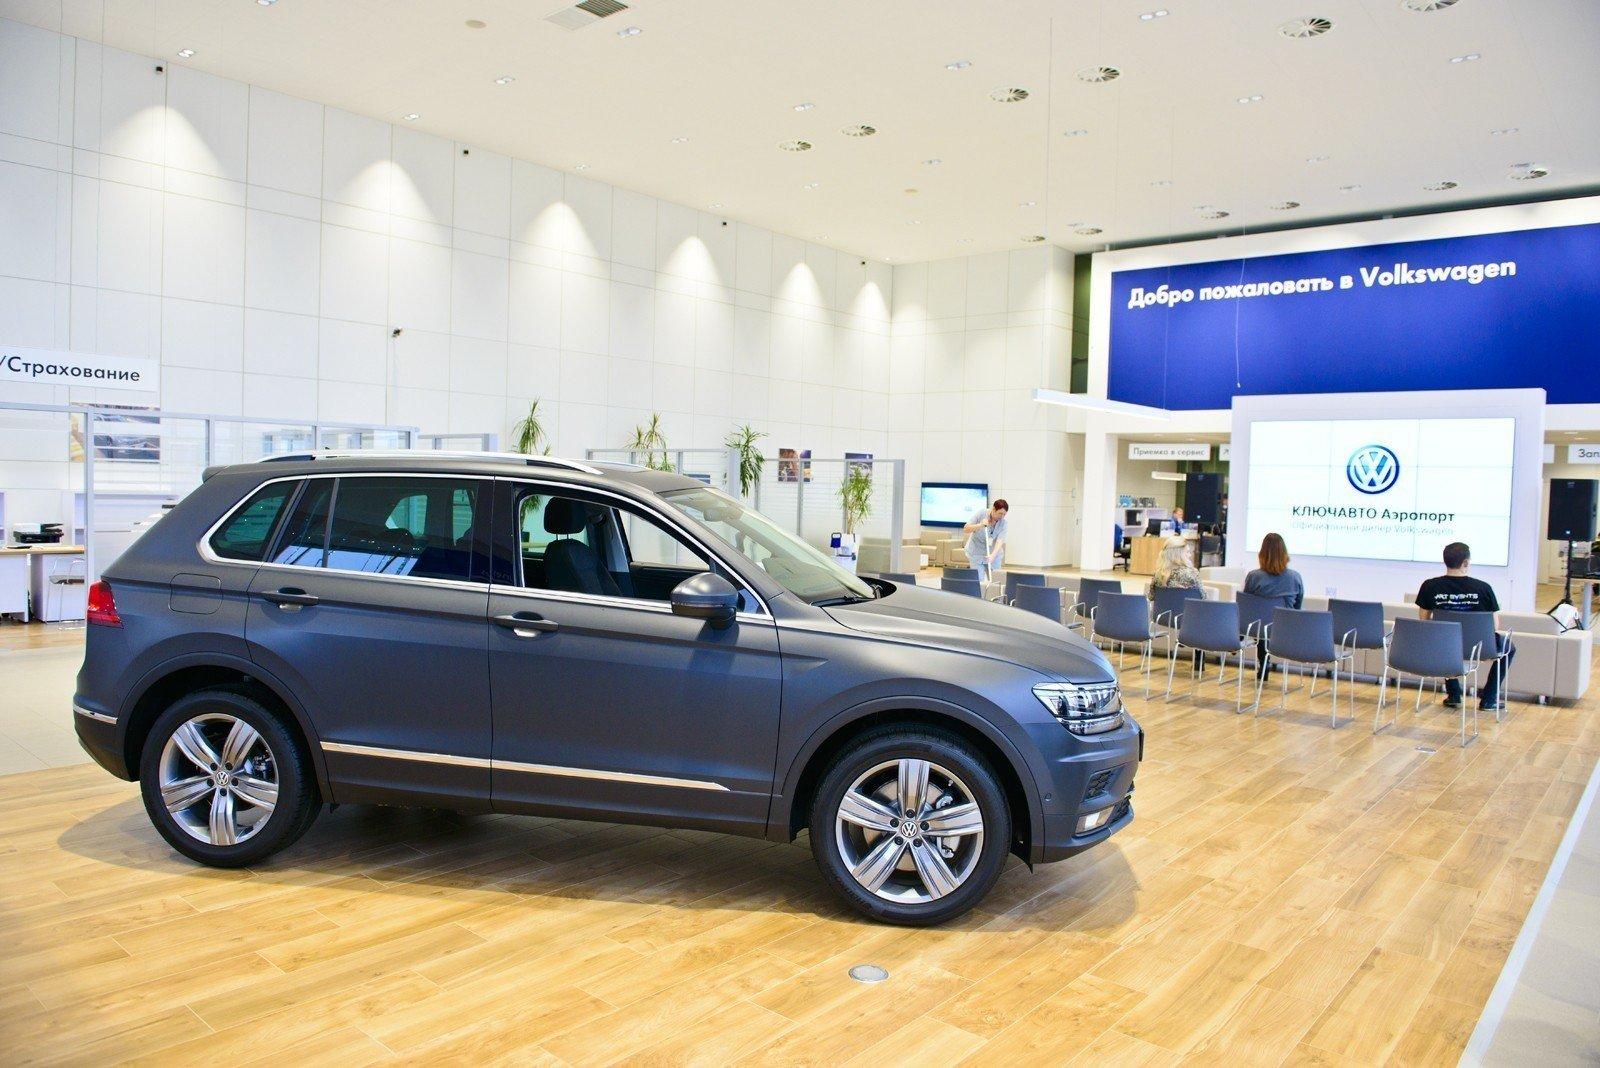 Специалисты рекомендуют покупать автомобили в Российской Федерации уже сейчас